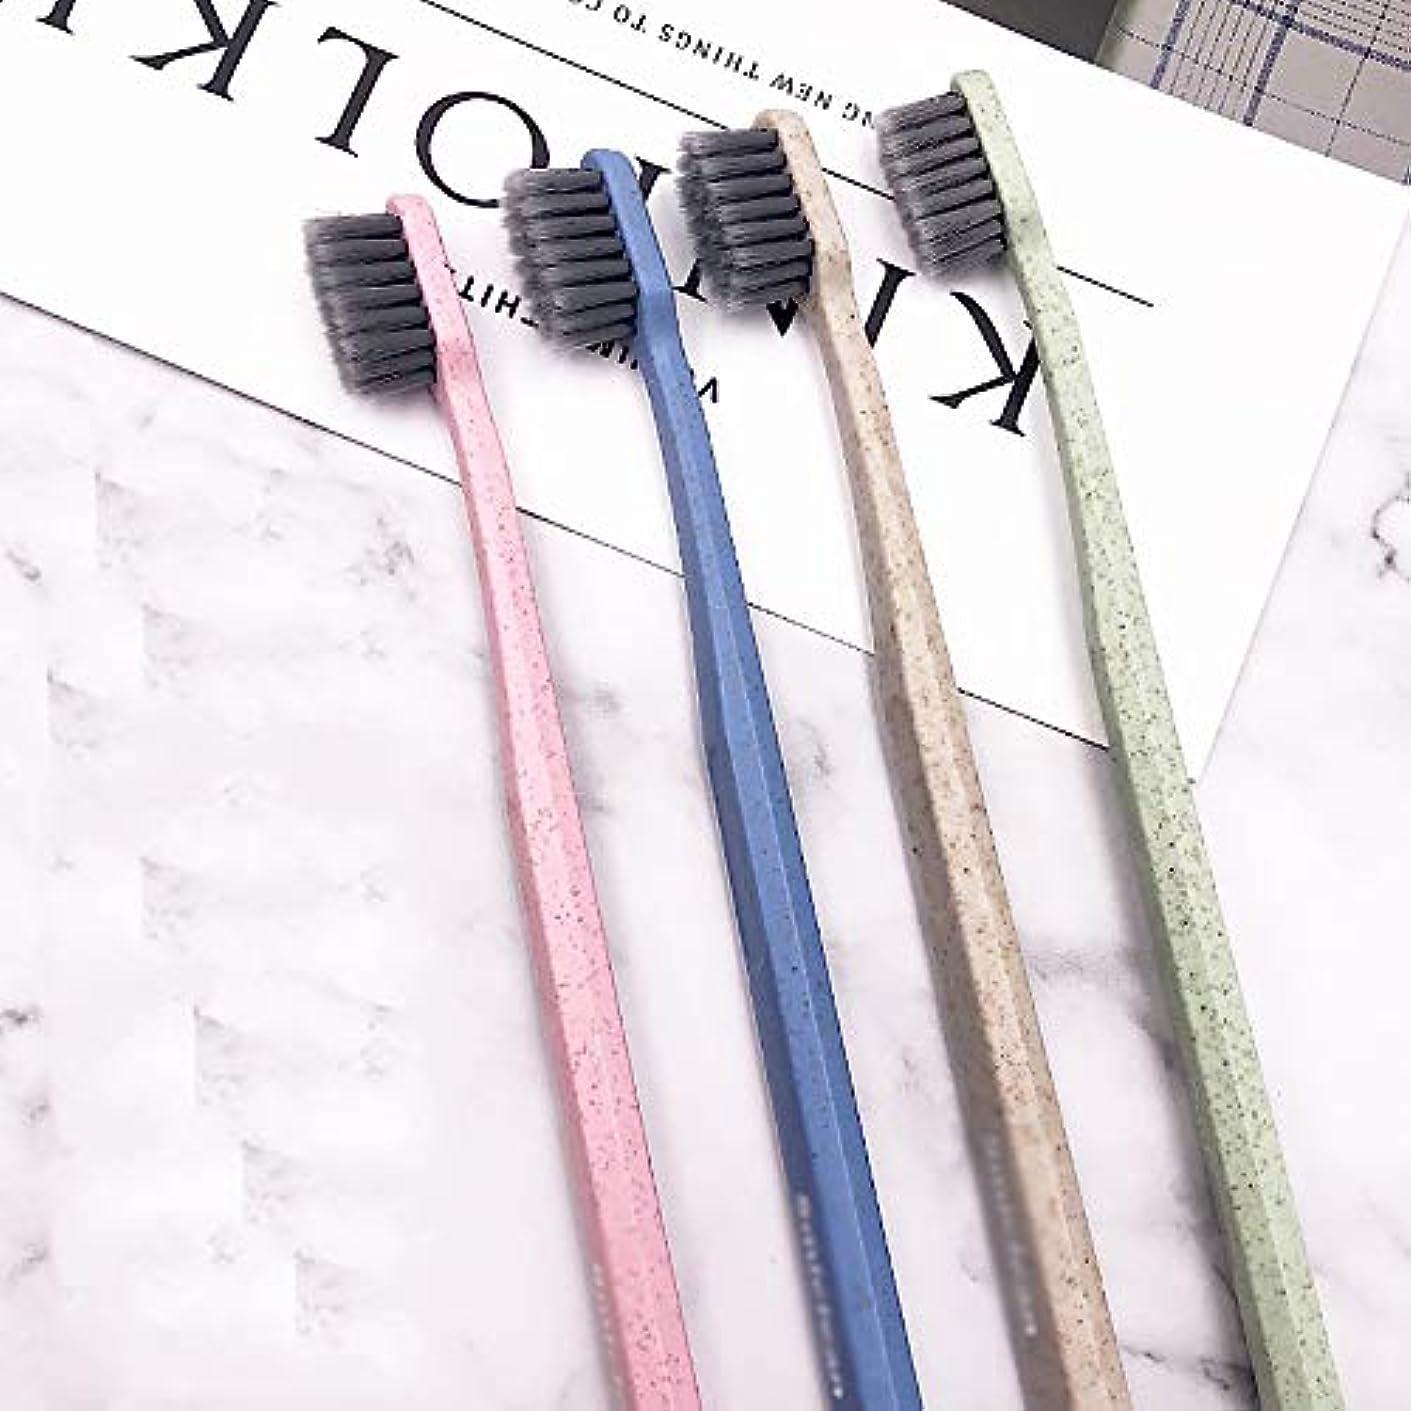 定義する電話するブレンド歯ブラシ 8竹炭歯ブラシ、大人のためのソフト歯ブラシ、美容アクセサリー - 使用可能なスタイルの3種類 HL (色 : B, サイズ : 8 packs)